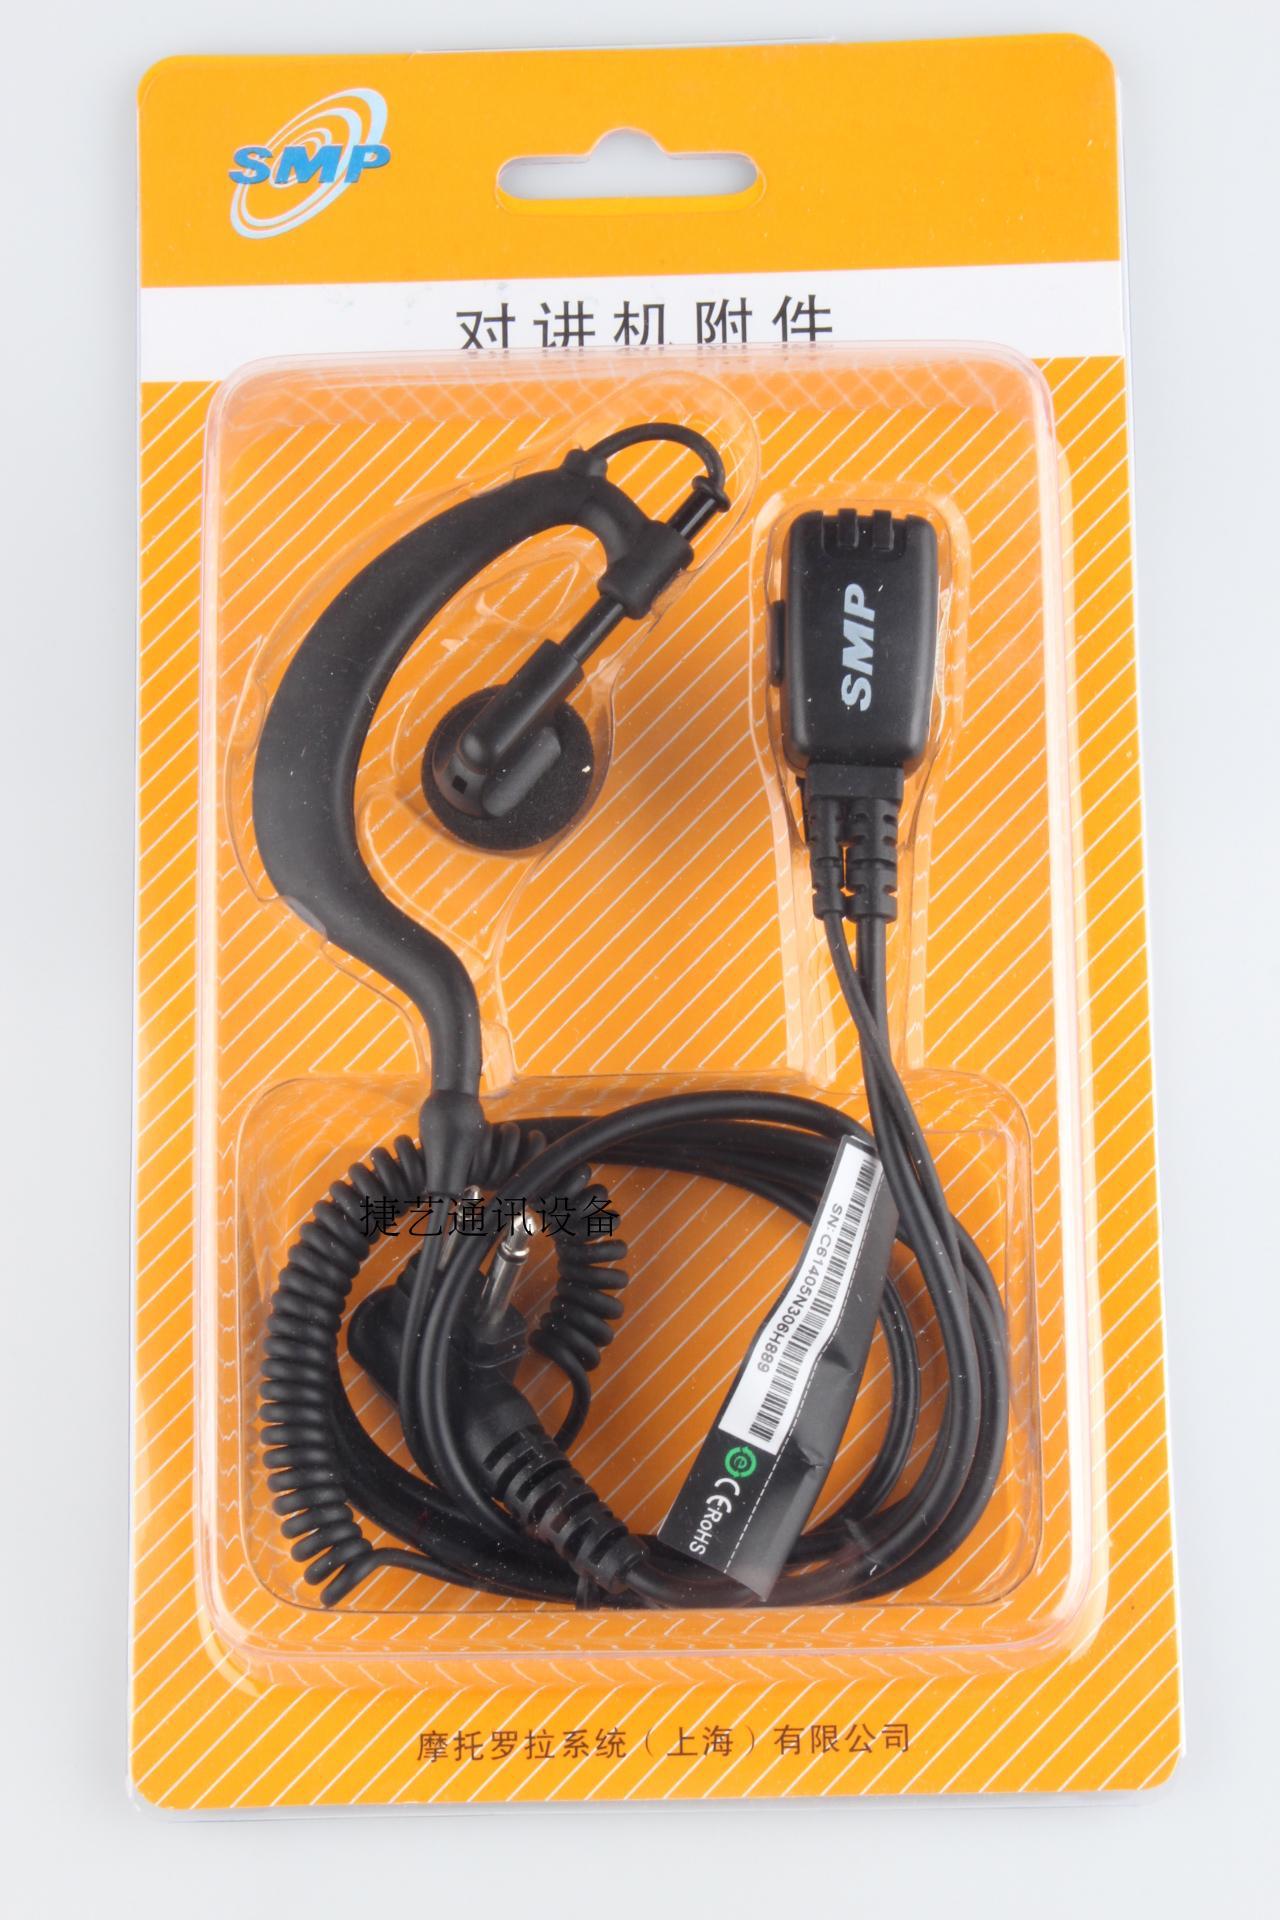 MOTO Motorola Interphone Original Headphones SMP418/458/468/358/Q5/Q9/Q11 Headset M